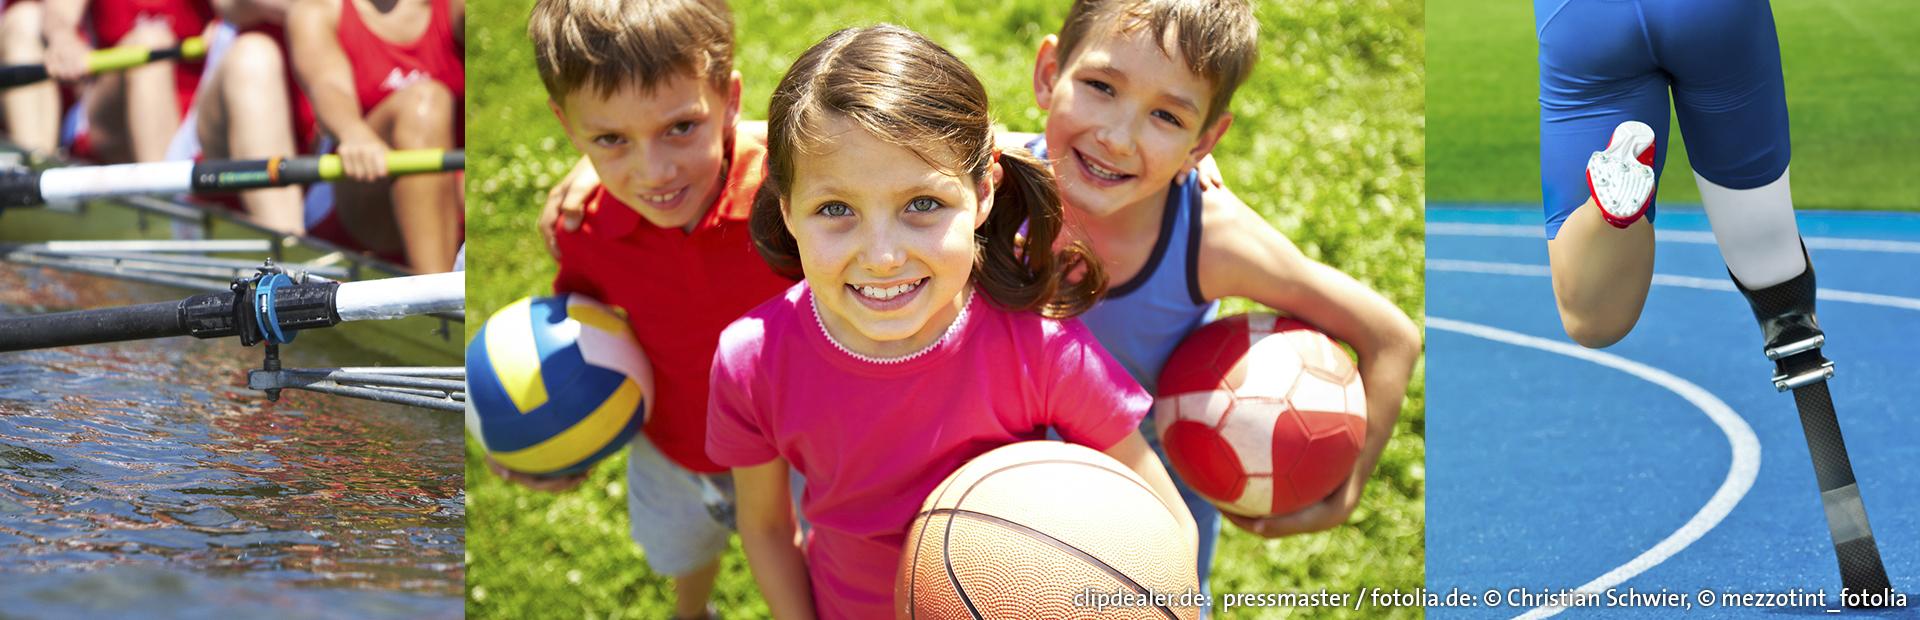 Fotomontage: Bilder aus Erwachsenen-, Kinder- und Behindertensport